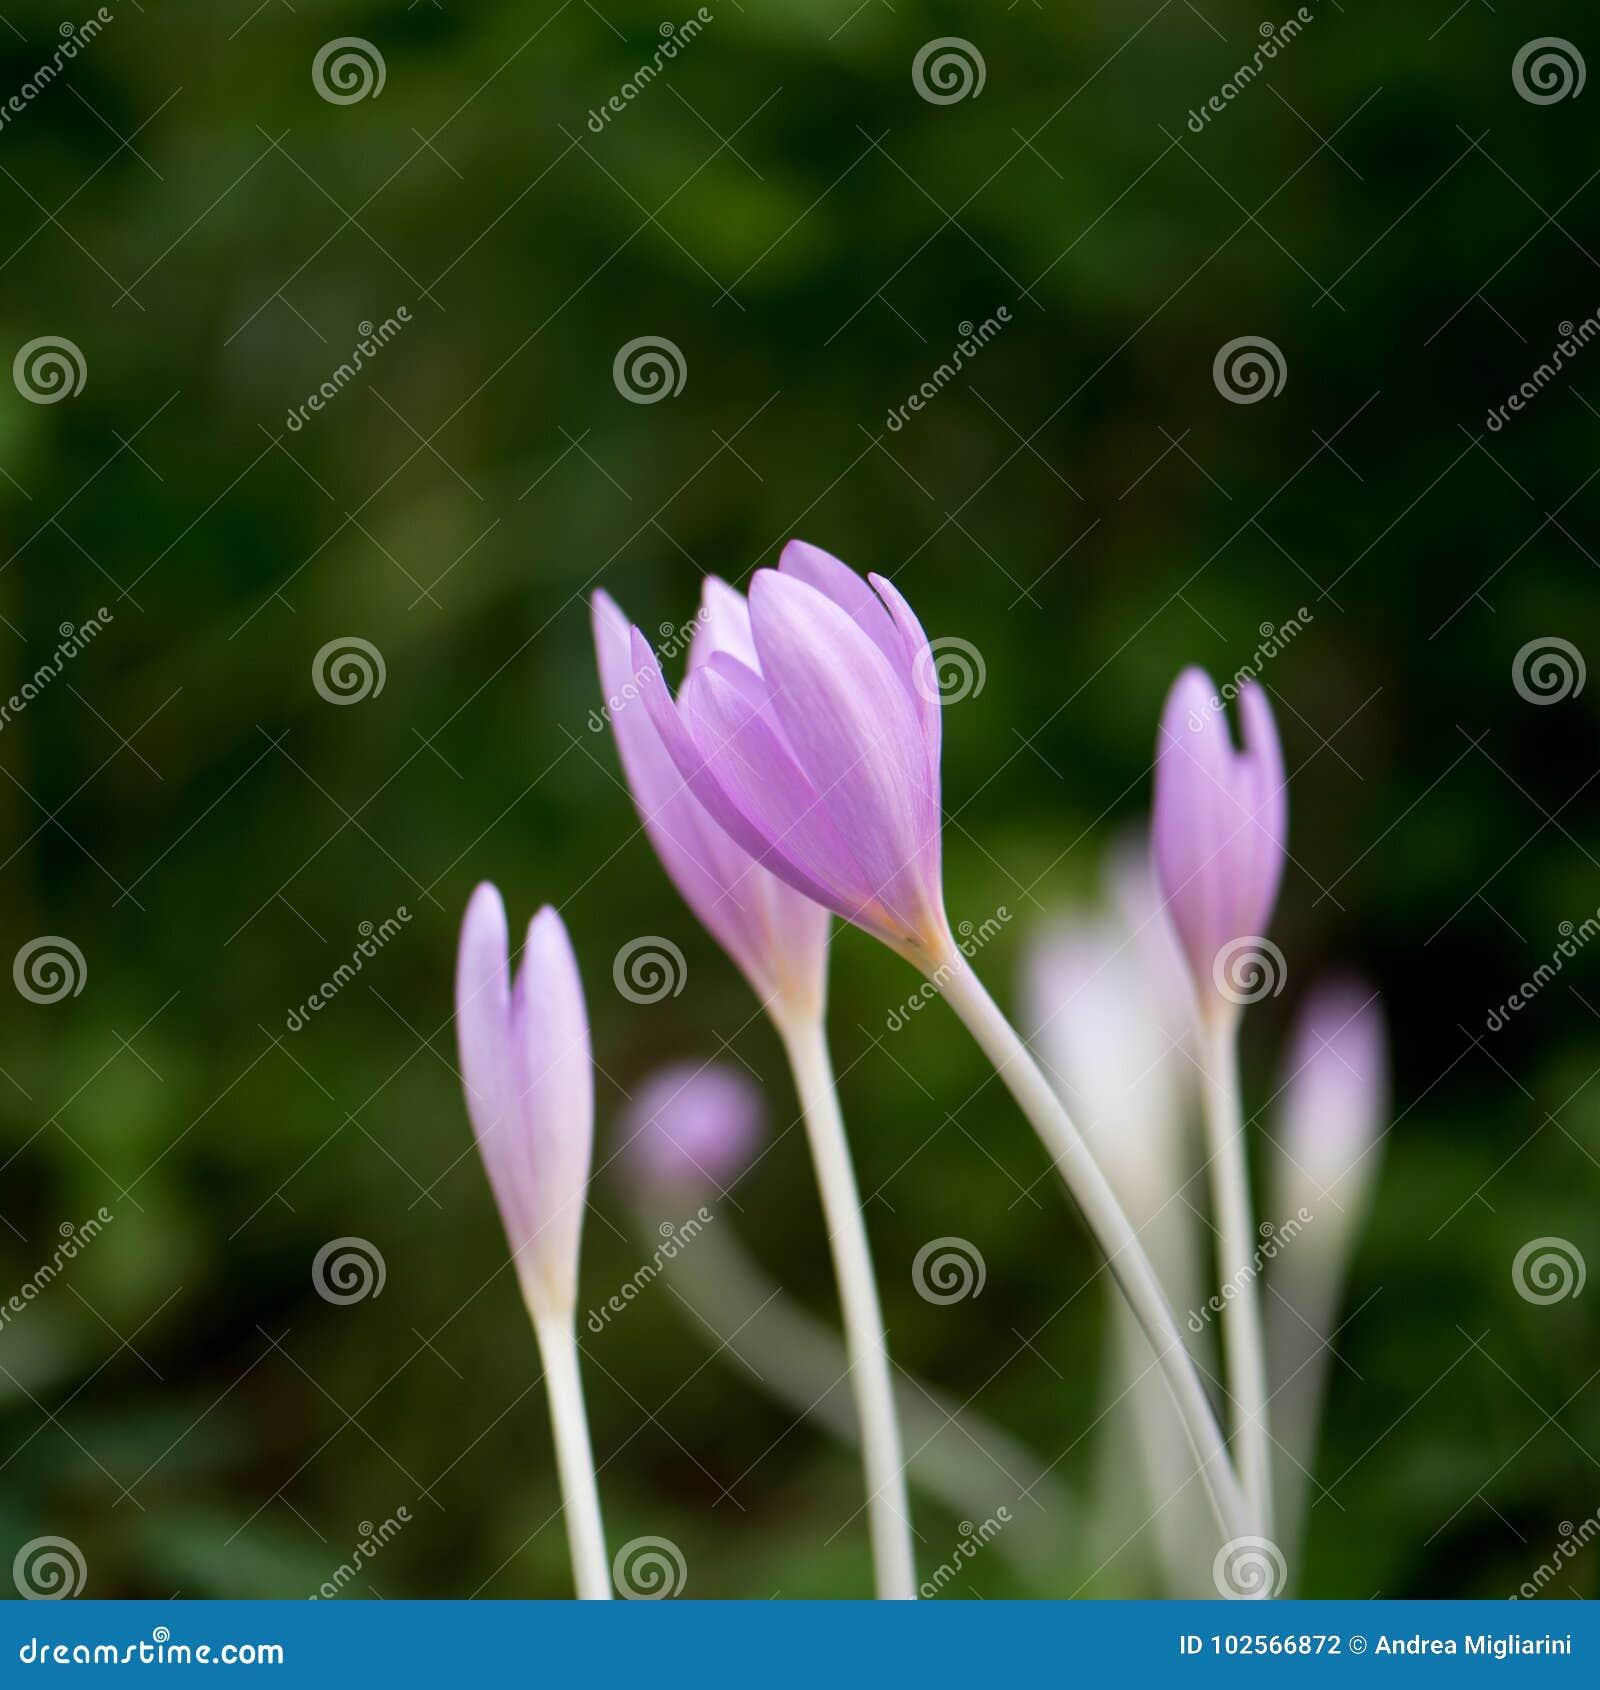 Crocus Vernus, natural flowers found in undergrowth of an alpine